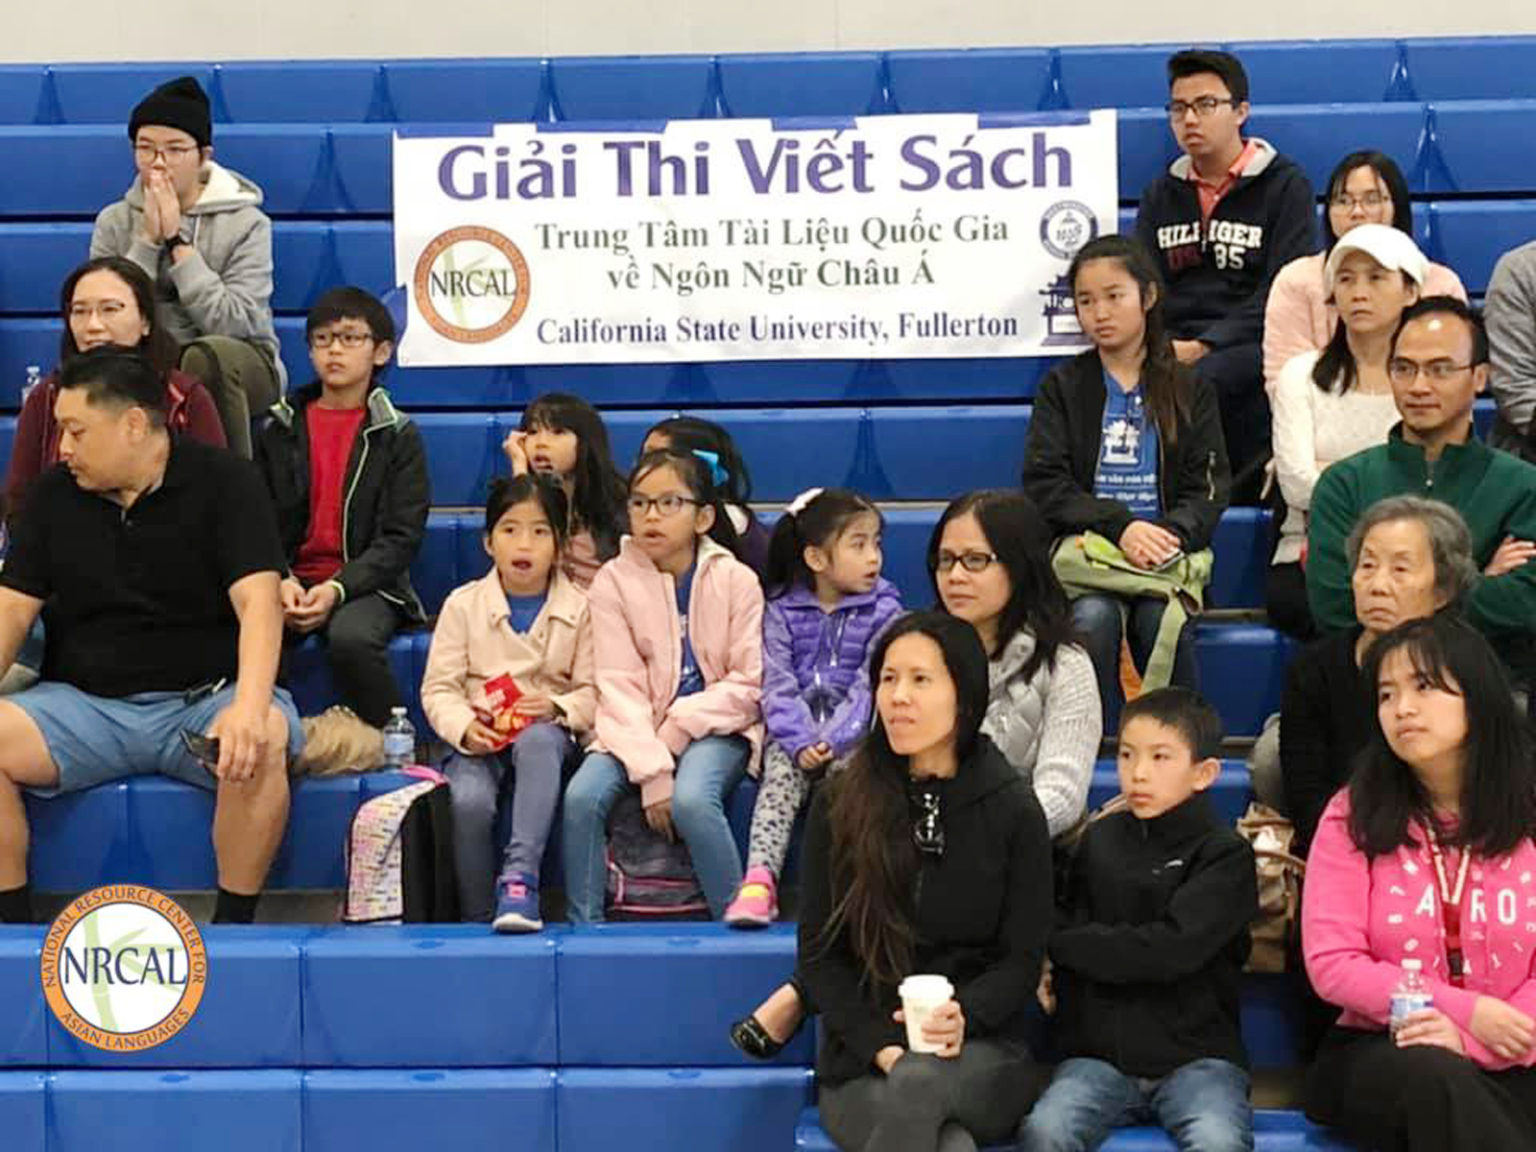 Sách tiếng Việt của thiếu nhi gốc Việt được trung tâm NRCAL ra mắt trực tuyến